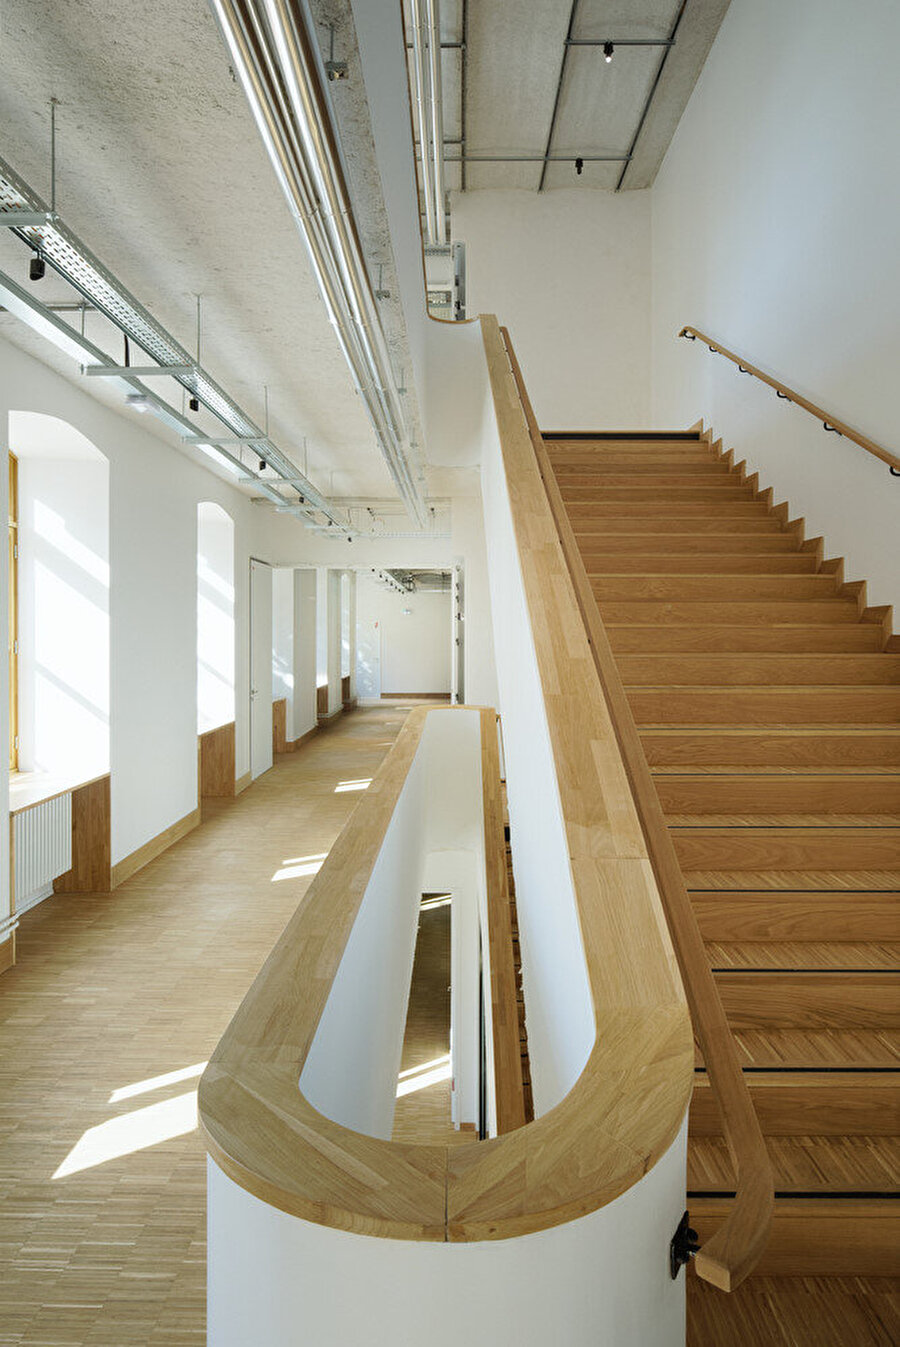 İç mekanlarda çok sayıda merdivenle akıcı sirkülasyon ağı oluşturuluyor.